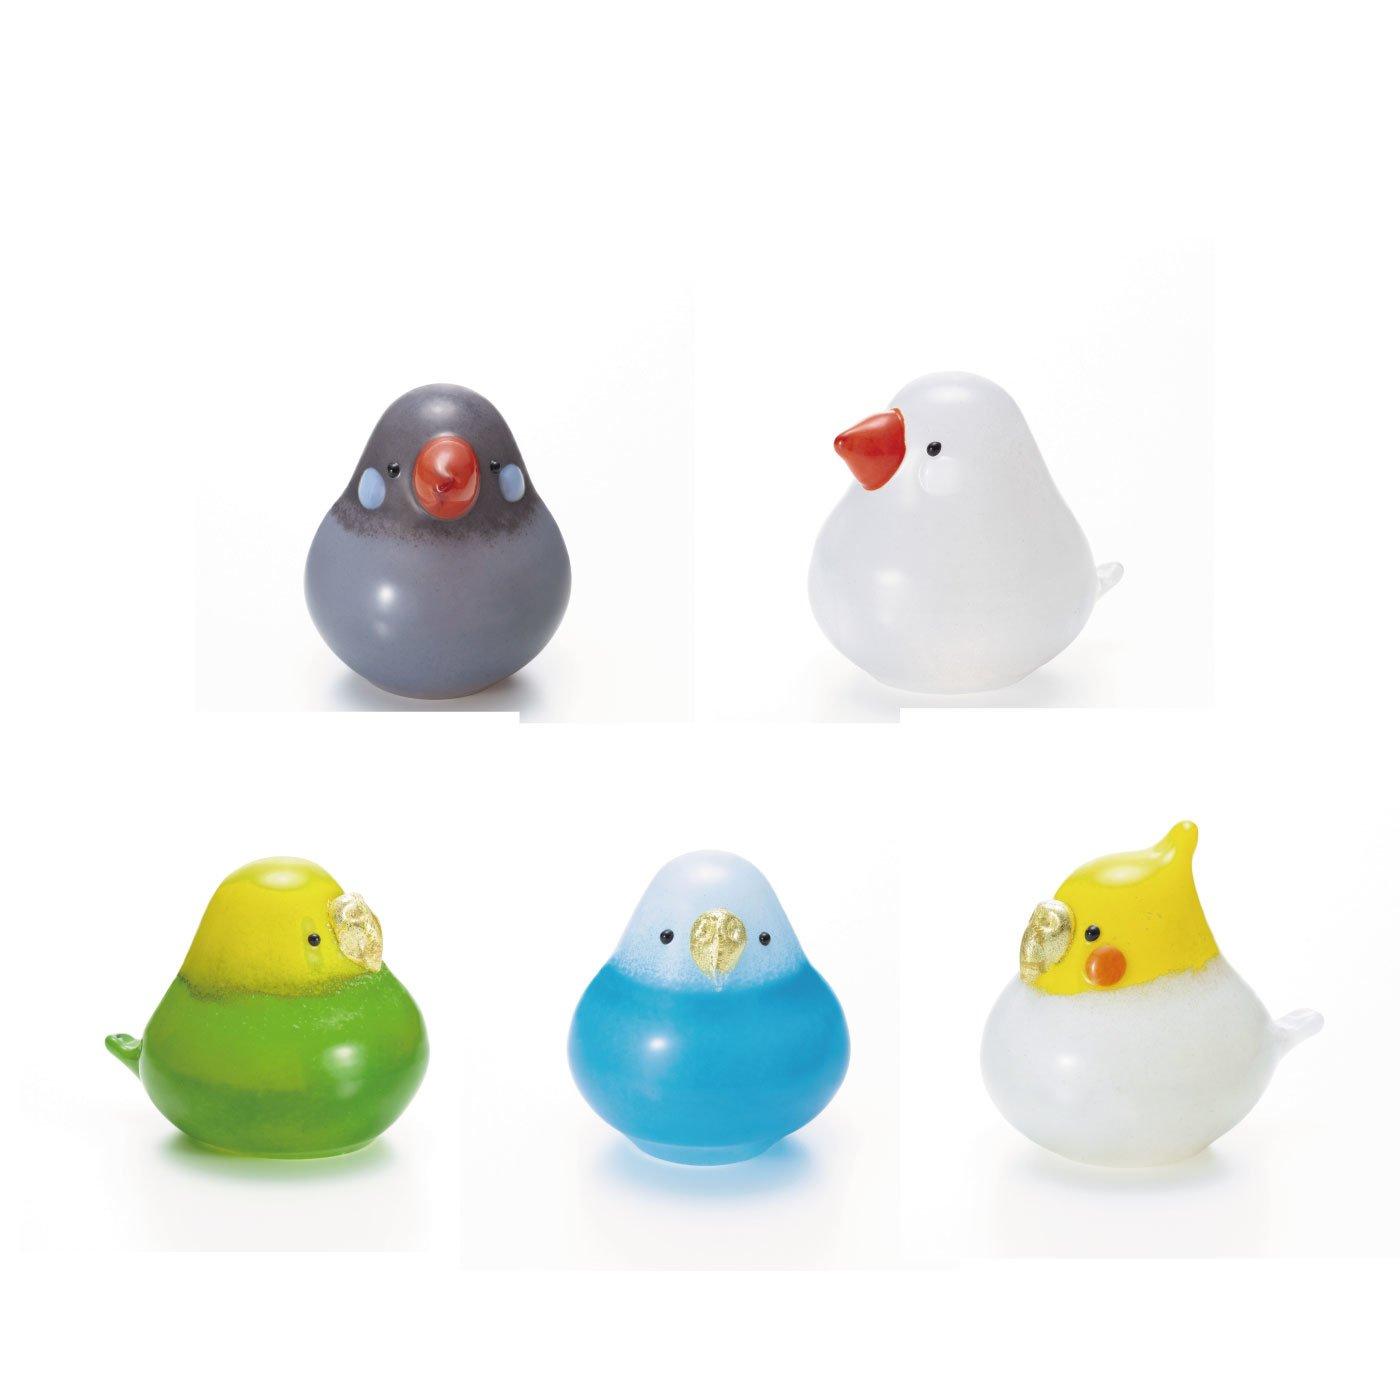 日本の職人が1点1点丁寧に作った世界に一つだけのガラスの小鳥オーナメント